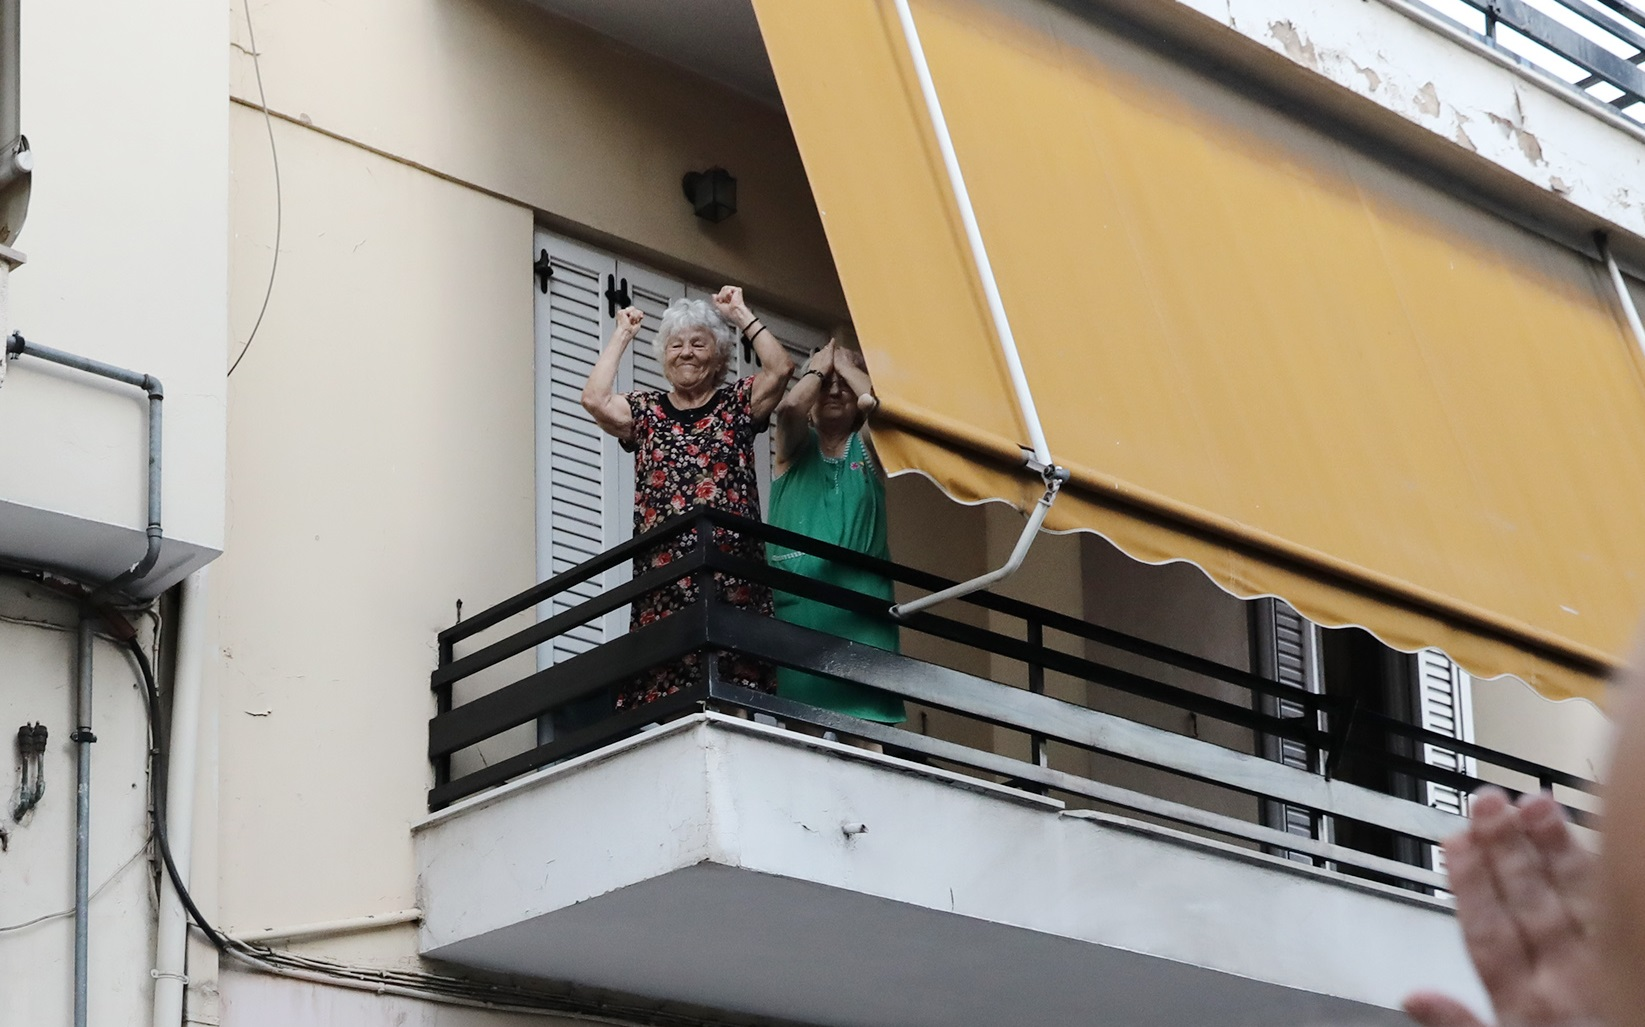 Η γιαγιά που βγήκε στο μπαλκόνι με υψωμένες γροθιές στο newsit.gr: «Έκλαψα! Το έκανα με την καρδιά μου για τον Παύλο»